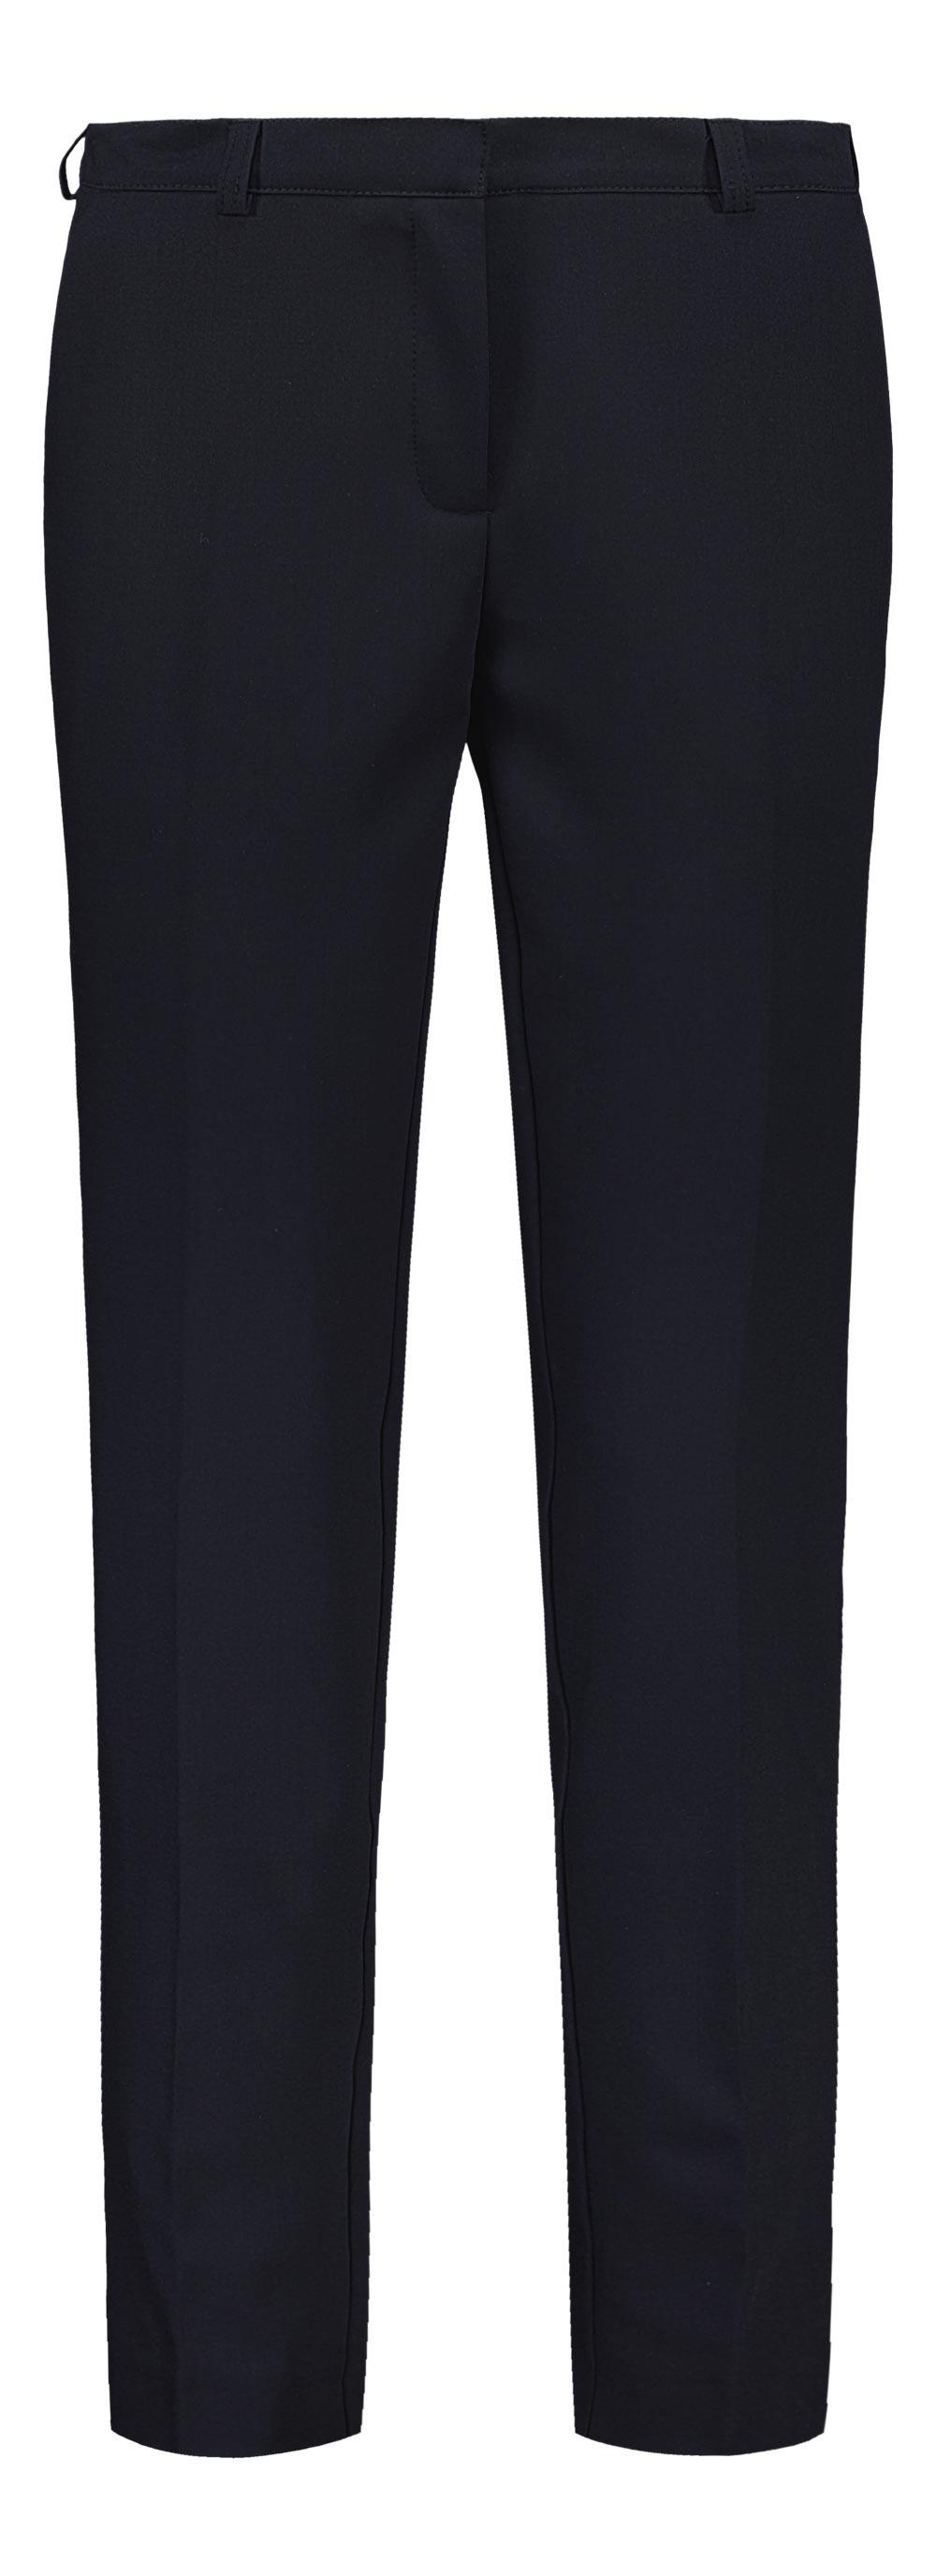 Victoria naisten housut, yön sininen